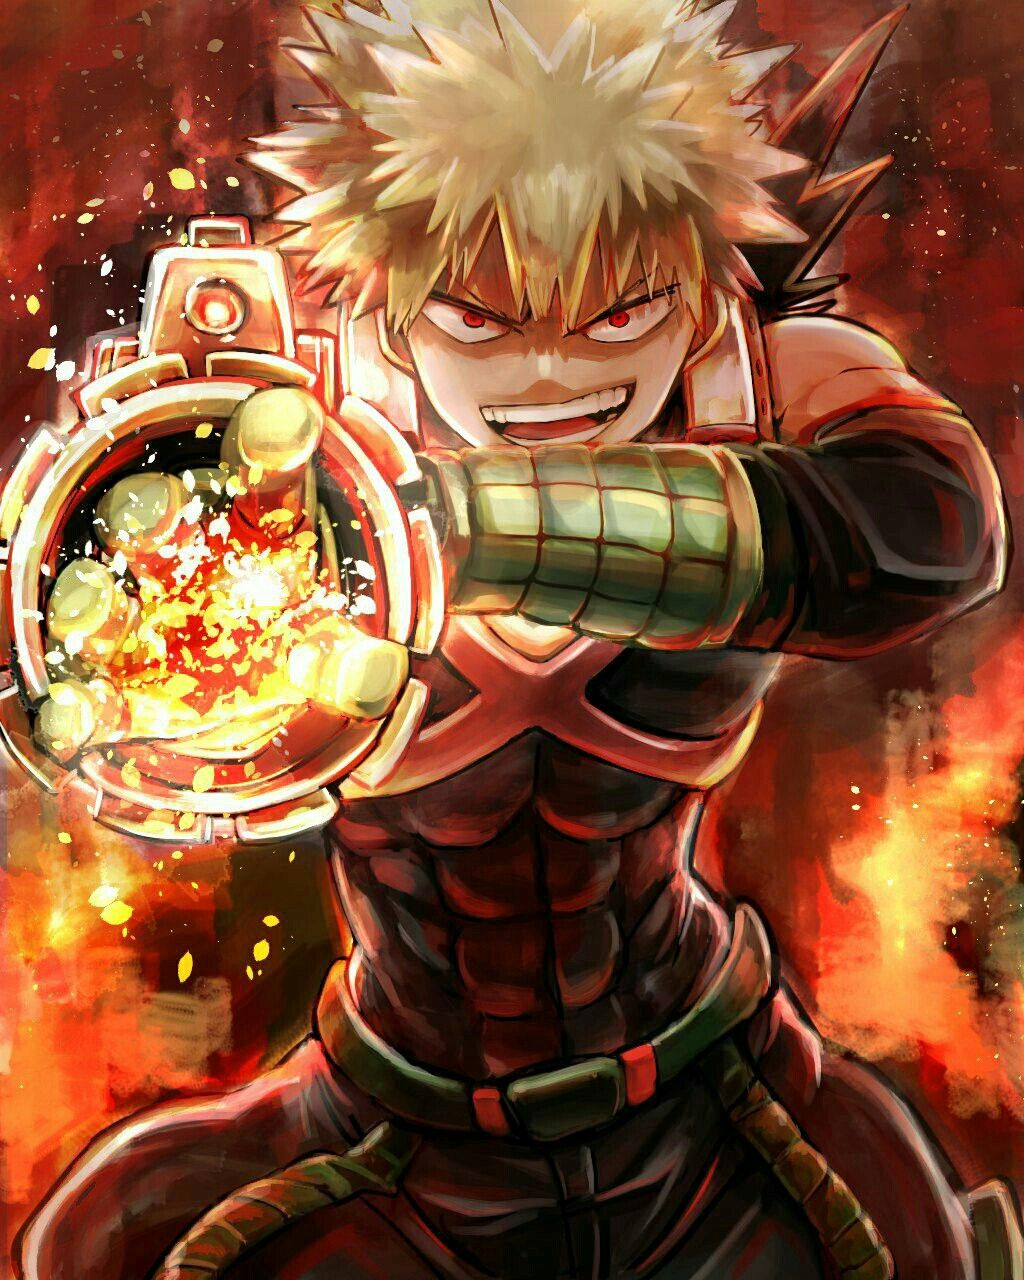 Boku no Hero Academia Katsuki Bakugou, My hero academia